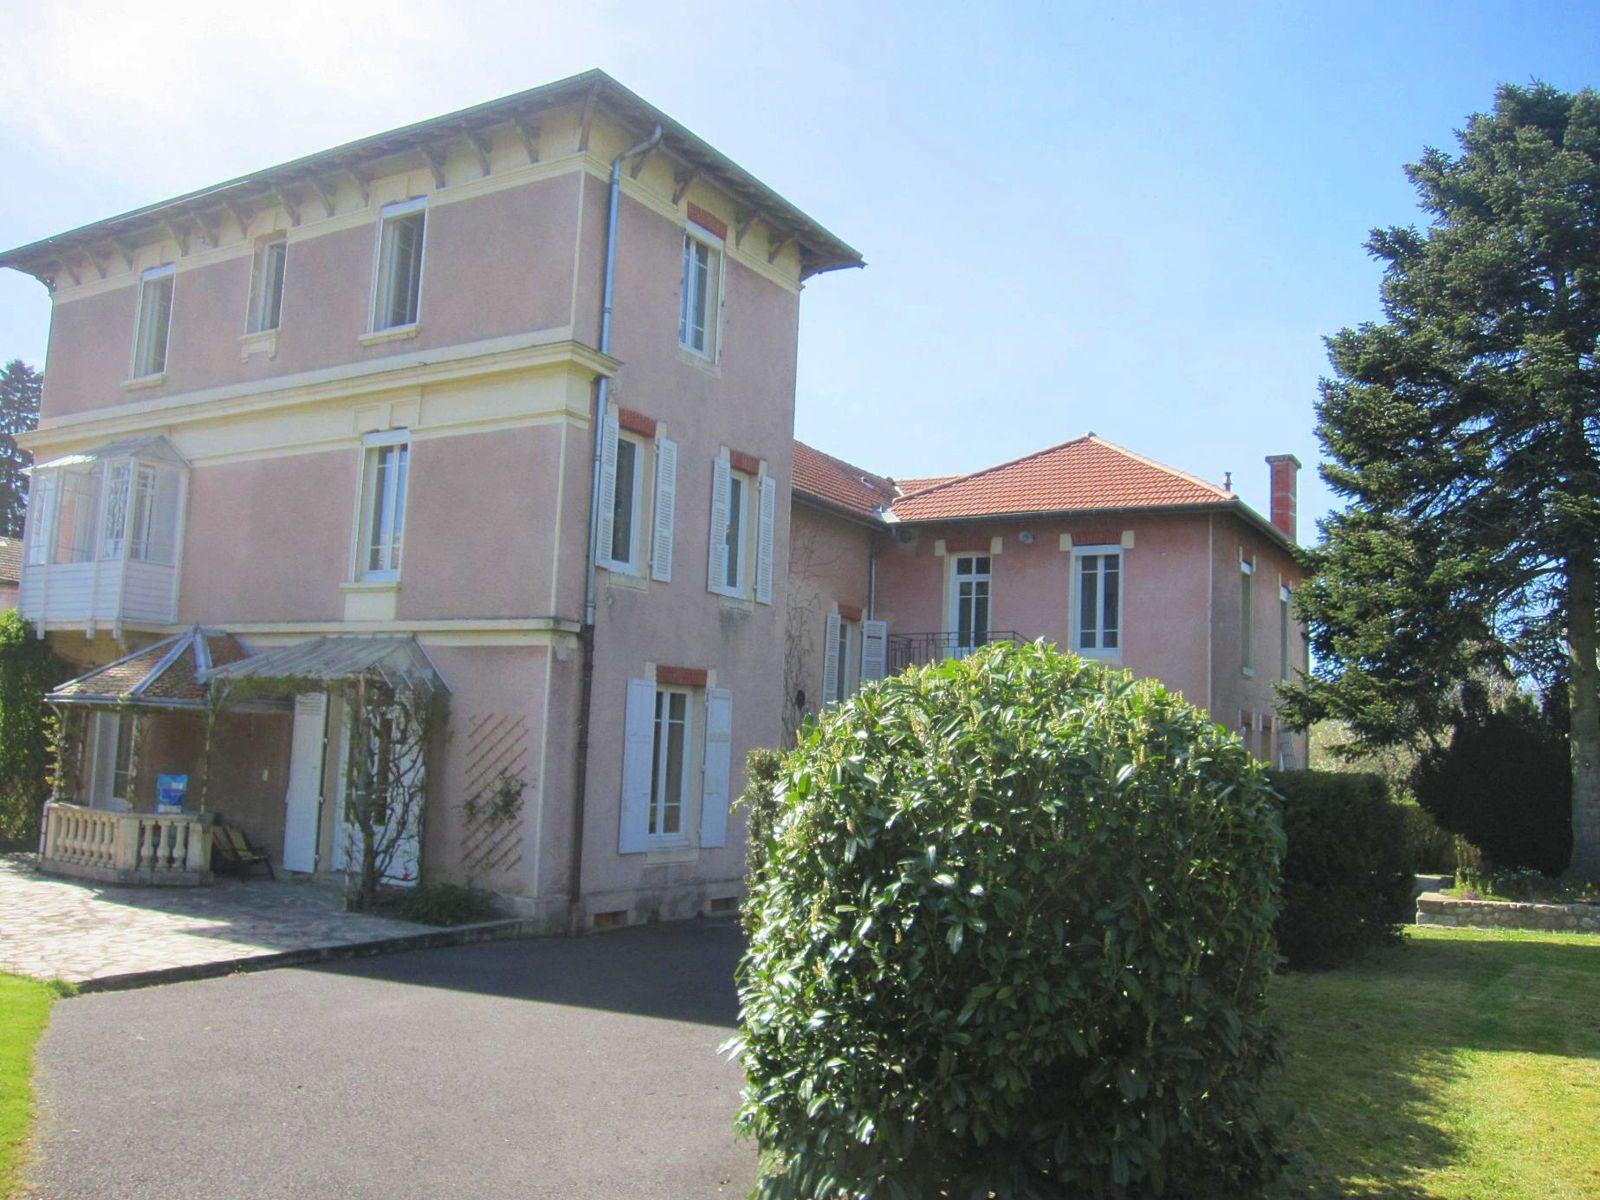 Vends maison bourgeoise 500m², 12pièces à Ambert (63)